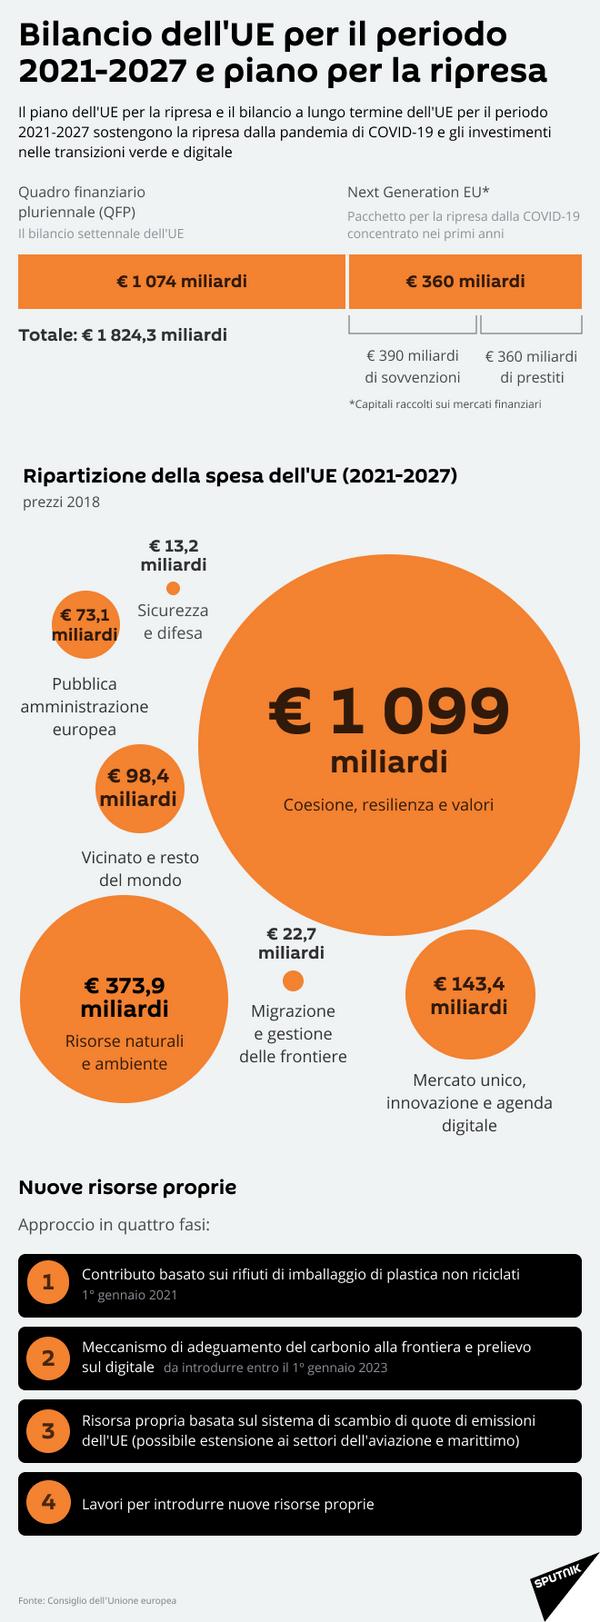 Bilancio dell'UE per il periodo 2021-2027 e piano per la ripresa - Sputnik Italia